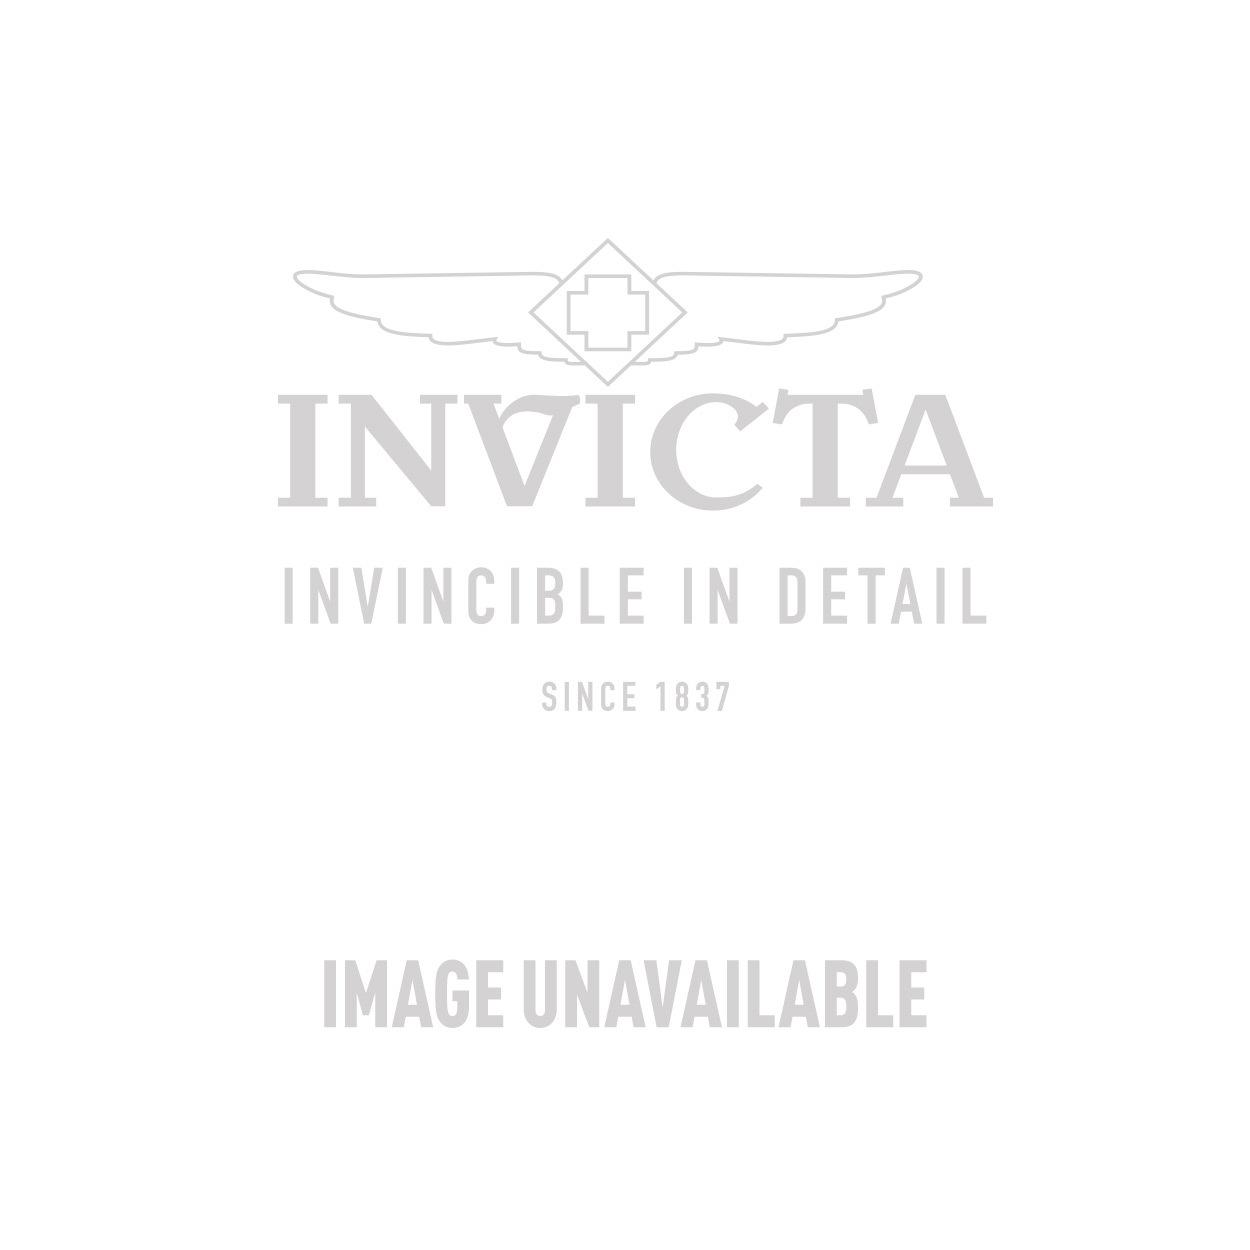 Invicta Model 23348